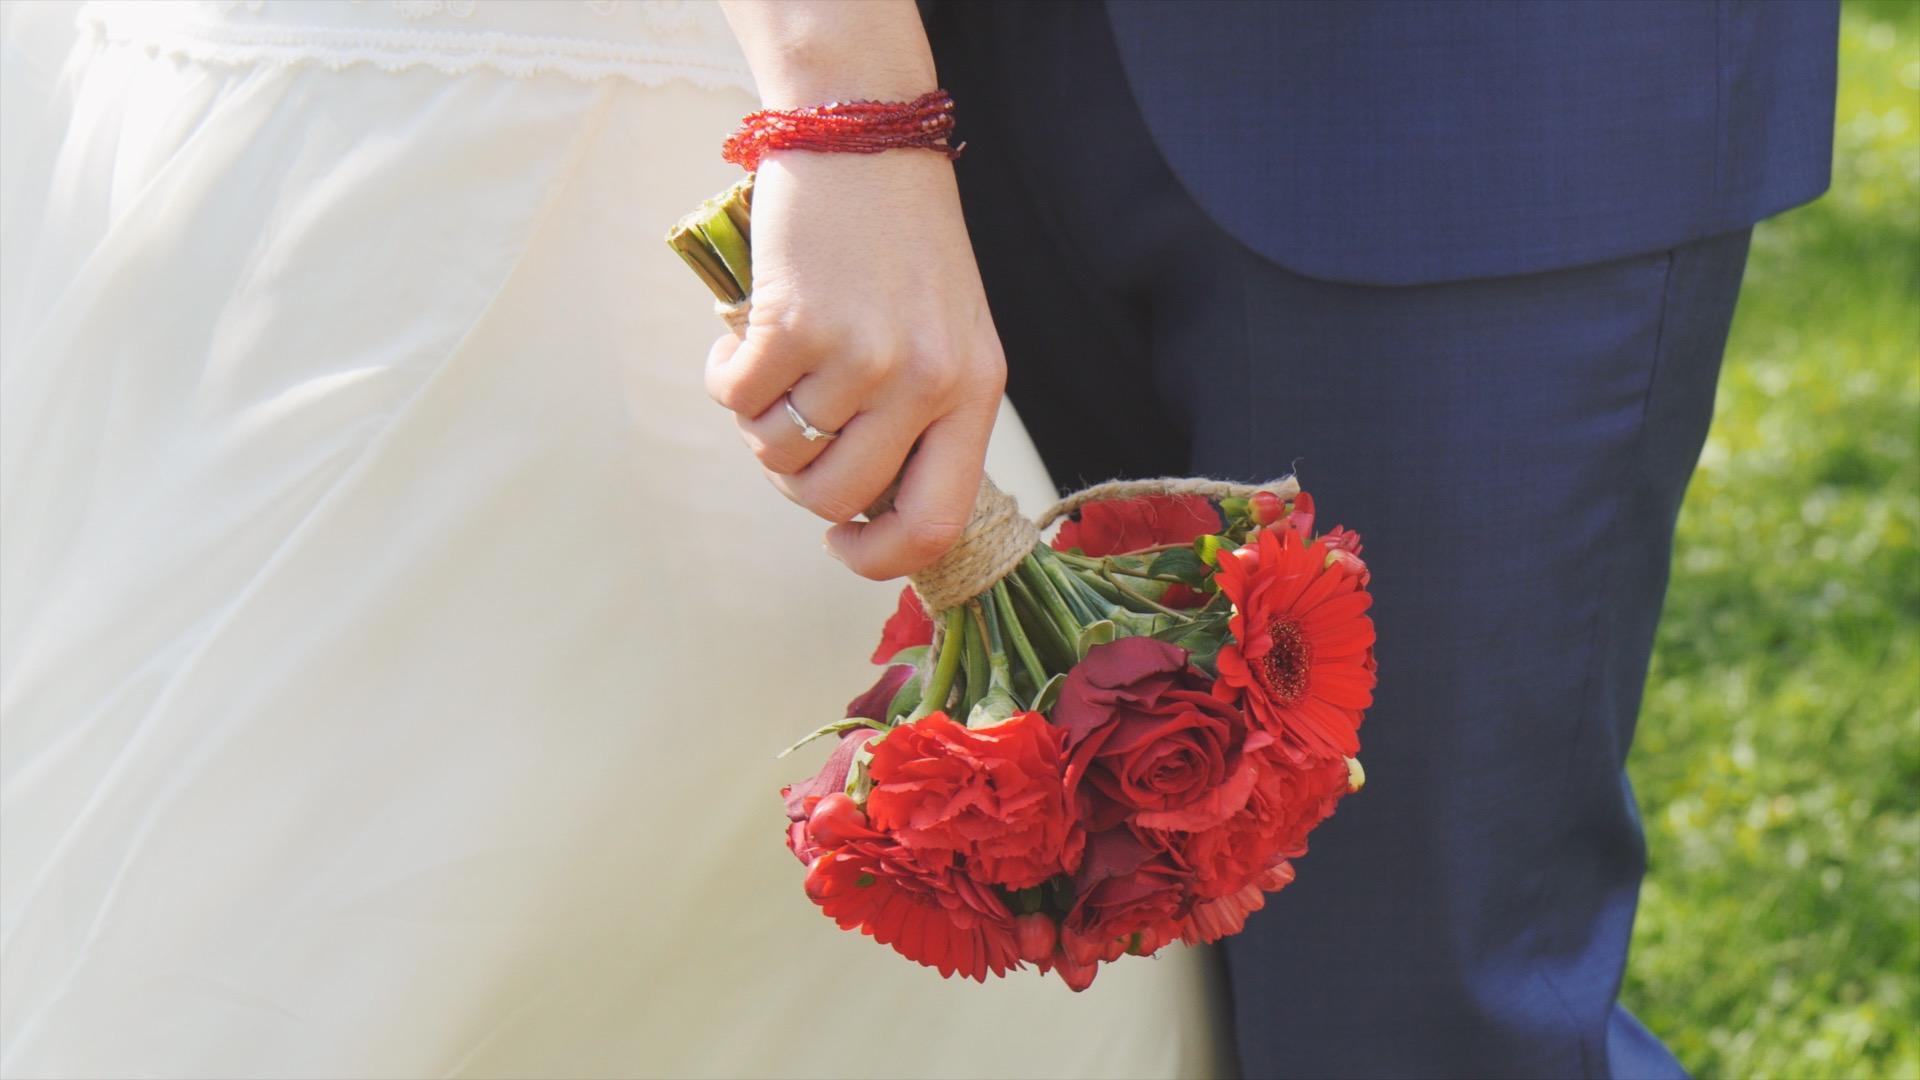 camraman professionnel vidaste mariage ralisation de film pour mariage reportage vido dans le nord pas de calais 59 62 partenaires copyright - Cameraman Mariage Lille